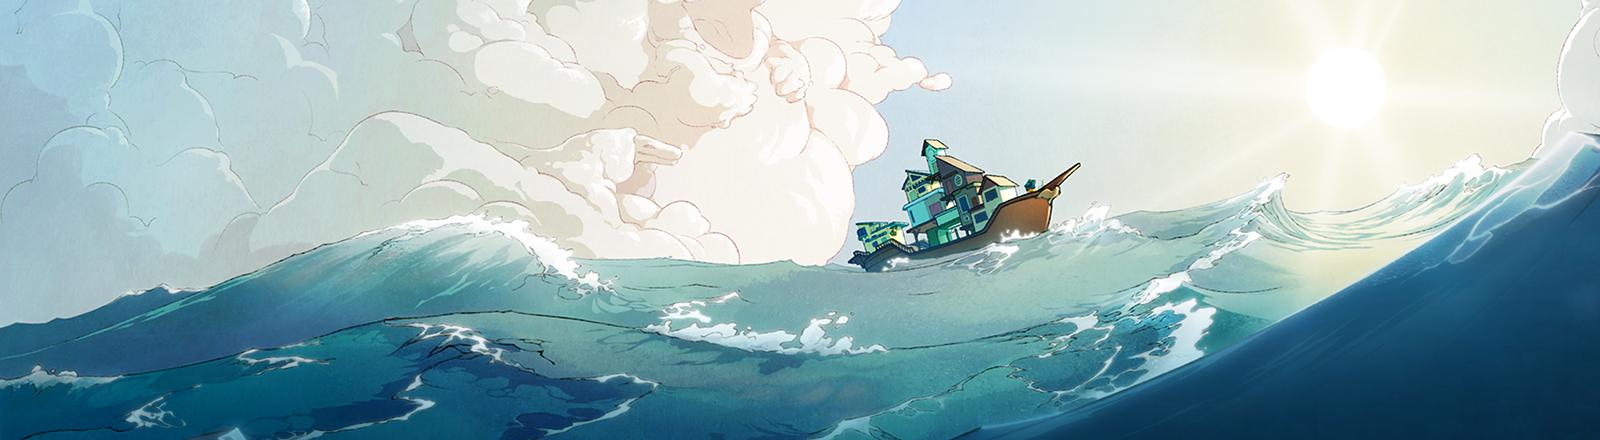 """Zeichnung eines Hausbootes auf dem Meer - Key Art des Games """"Spiritfarer"""" von Thunder Lotus Games"""